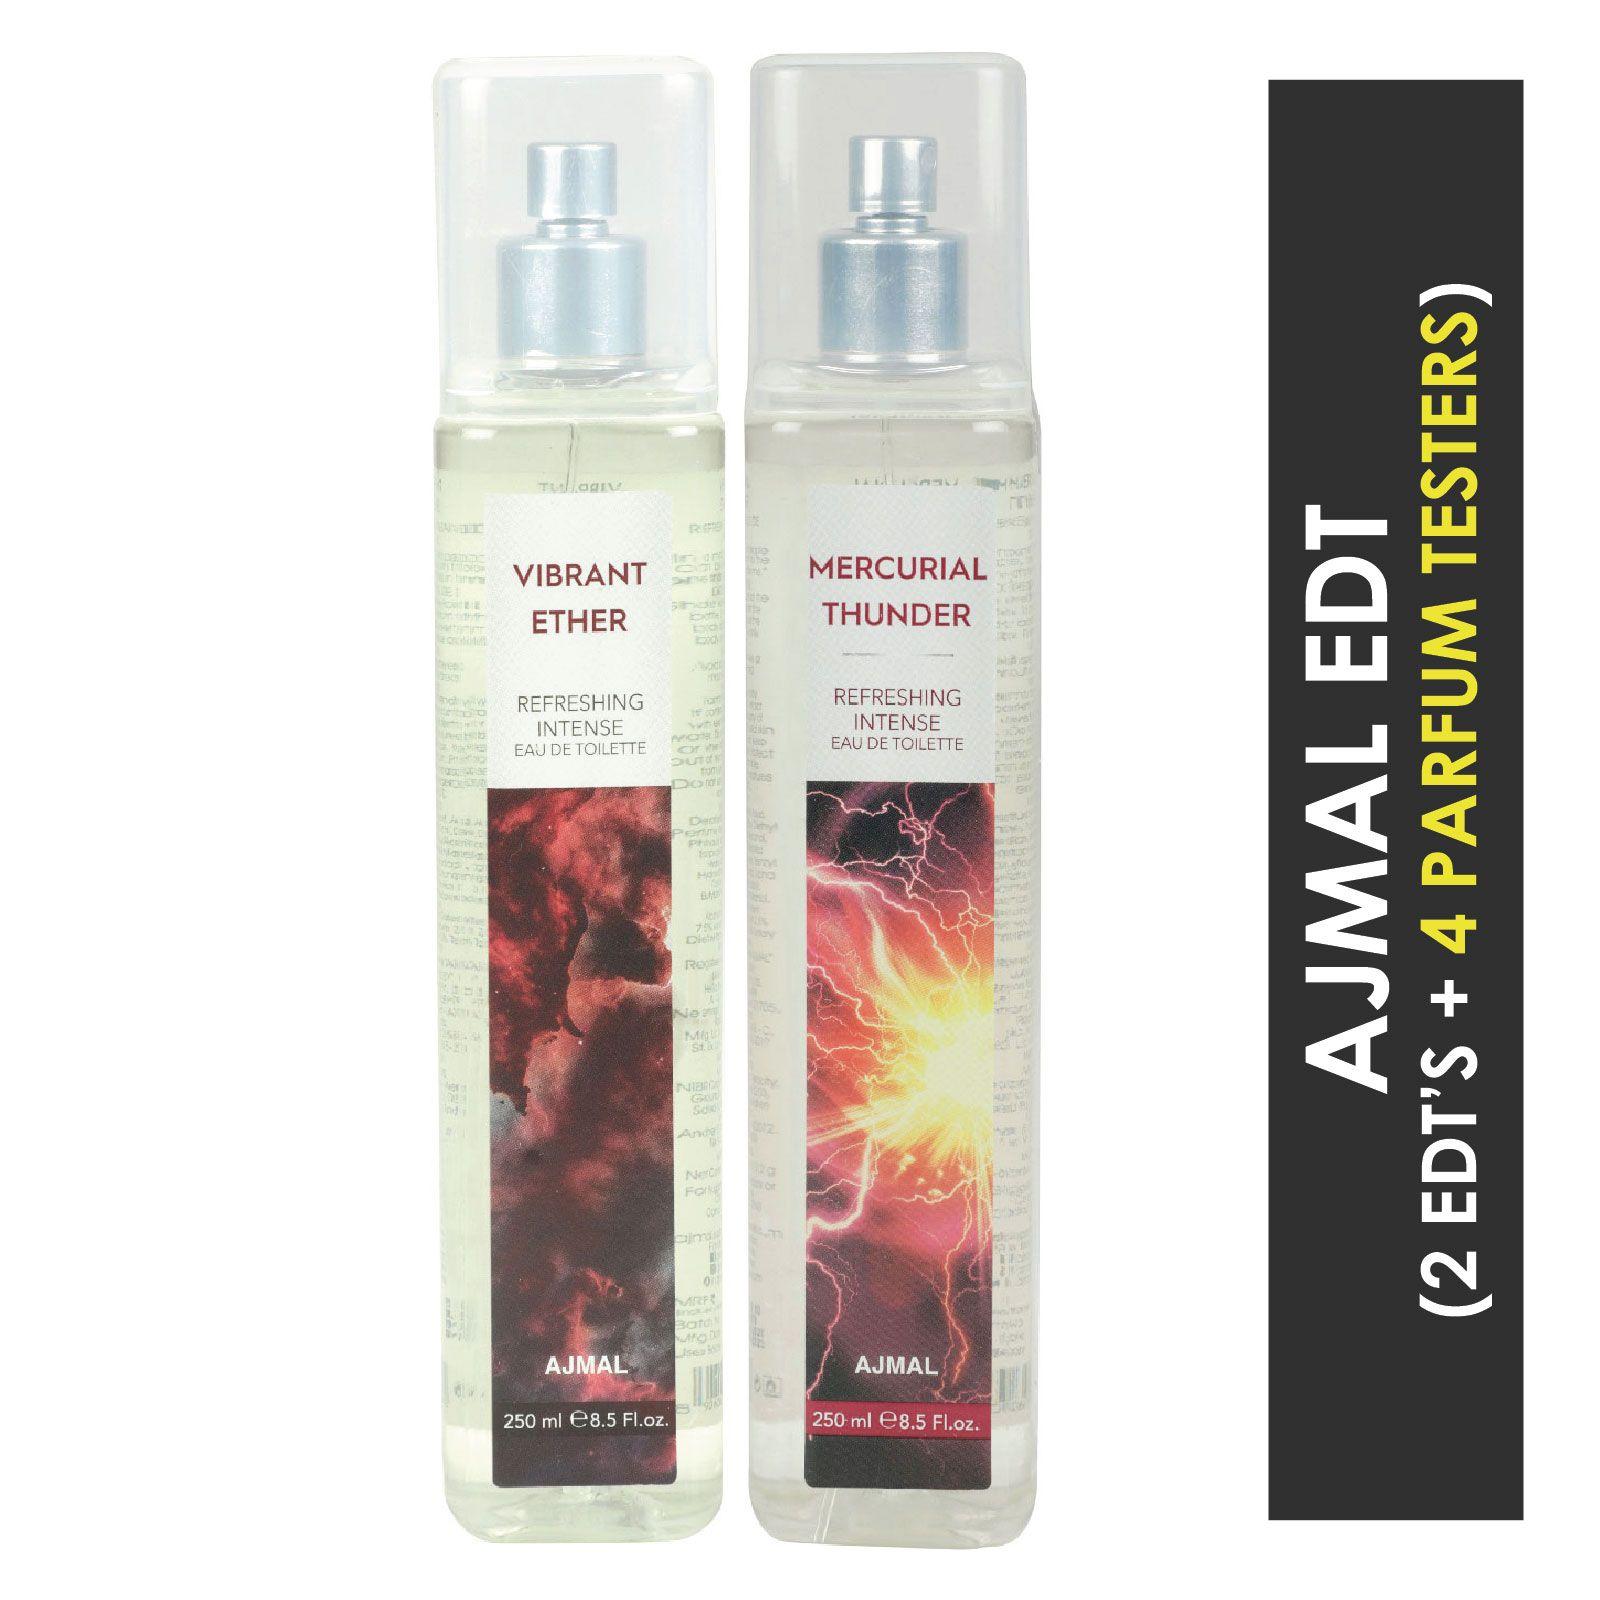 Ajmal   Ajmal Vibrant Ether & Mercurial Thunder EDT  pack of 2 each 250ml (Total 500ML) for Unisex + 4 Parfum Testers